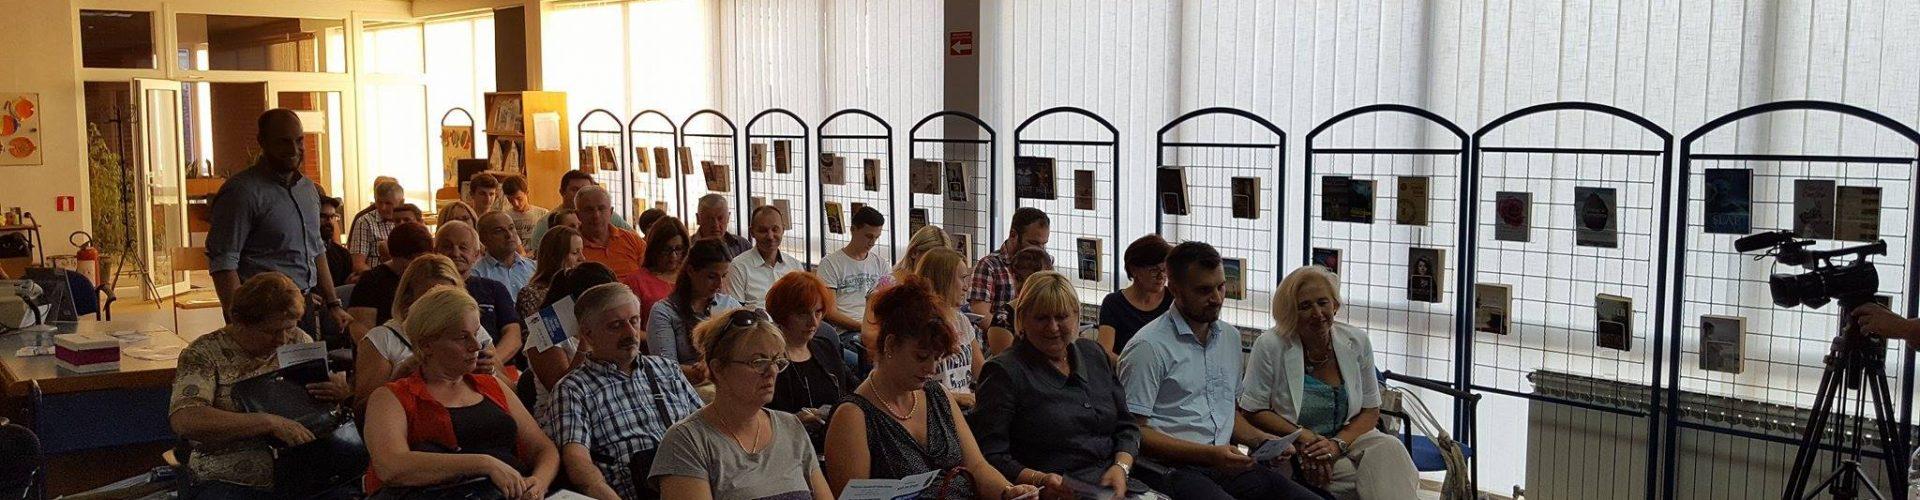 Volonterski centar Glina na usluzi udrugama i volonterima